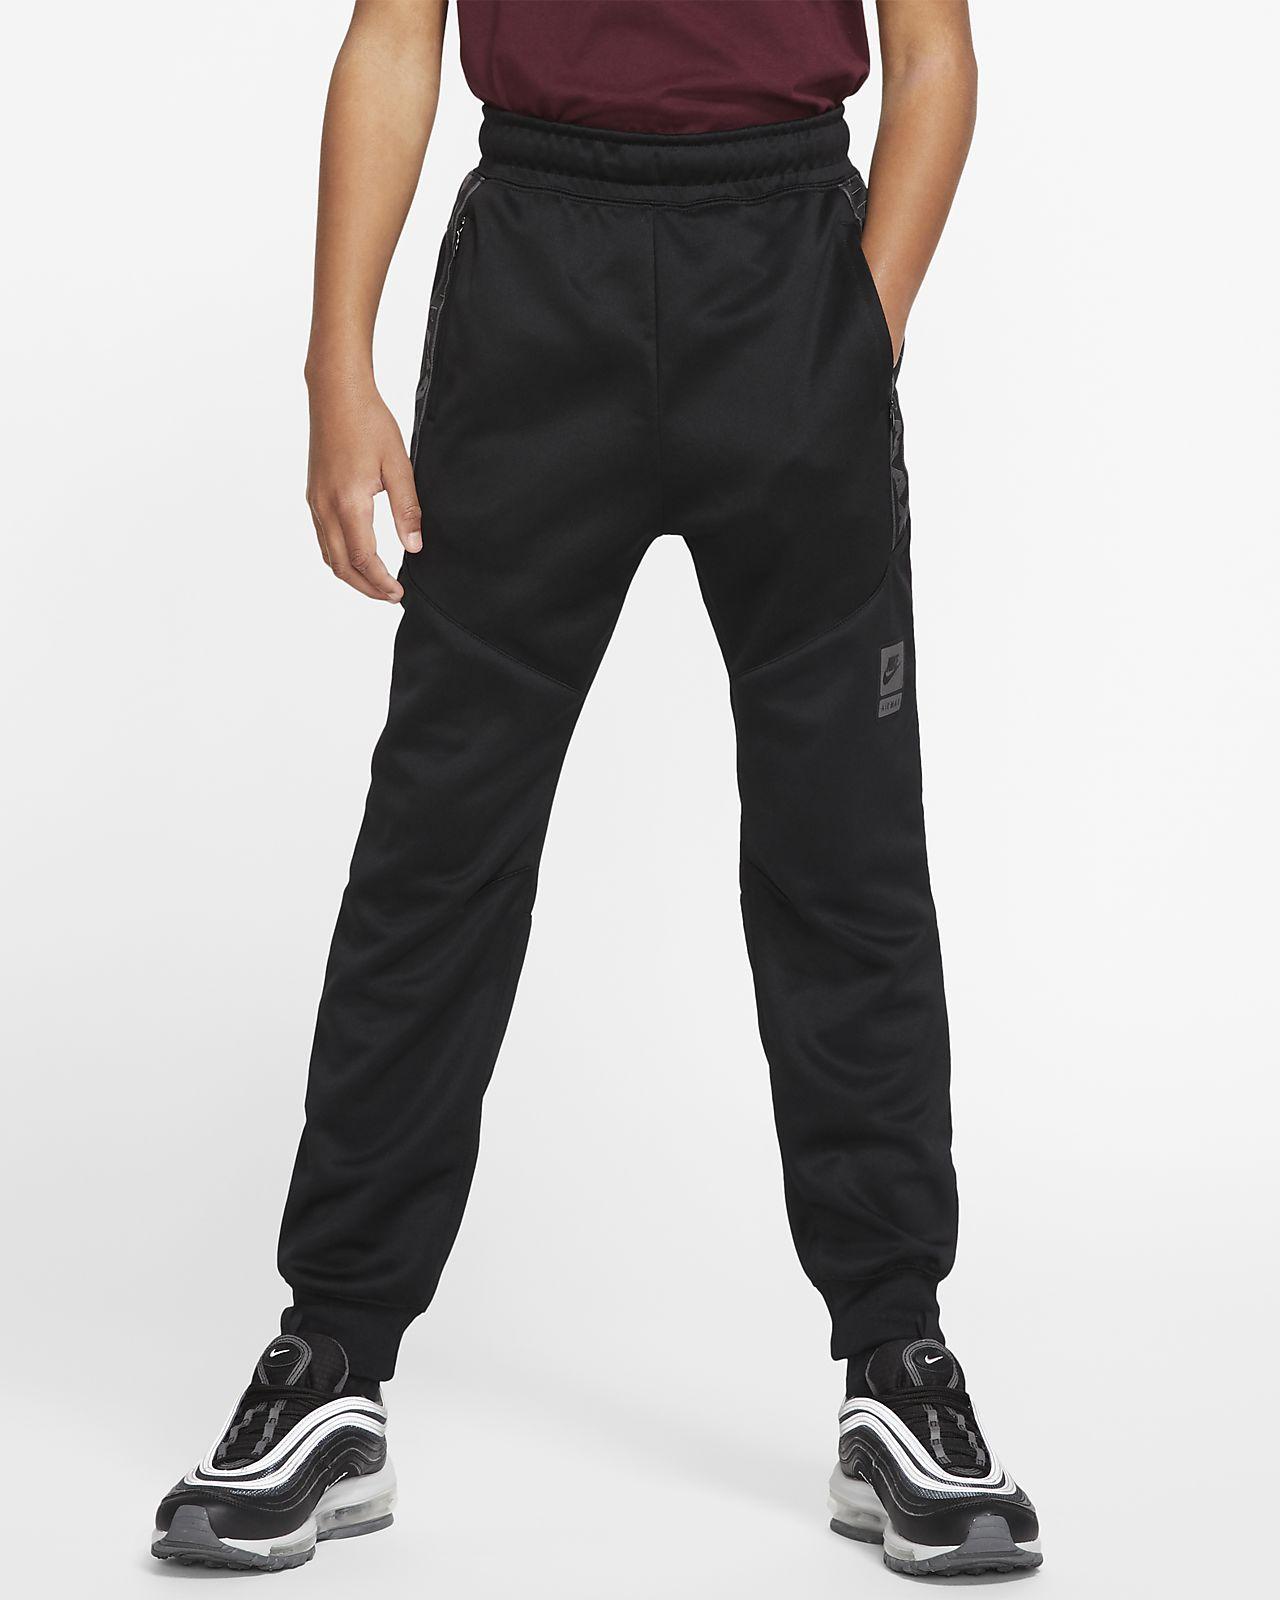 Nike Sportswear Air Max Genç Çocuk (Erkek) Eşofman Altı